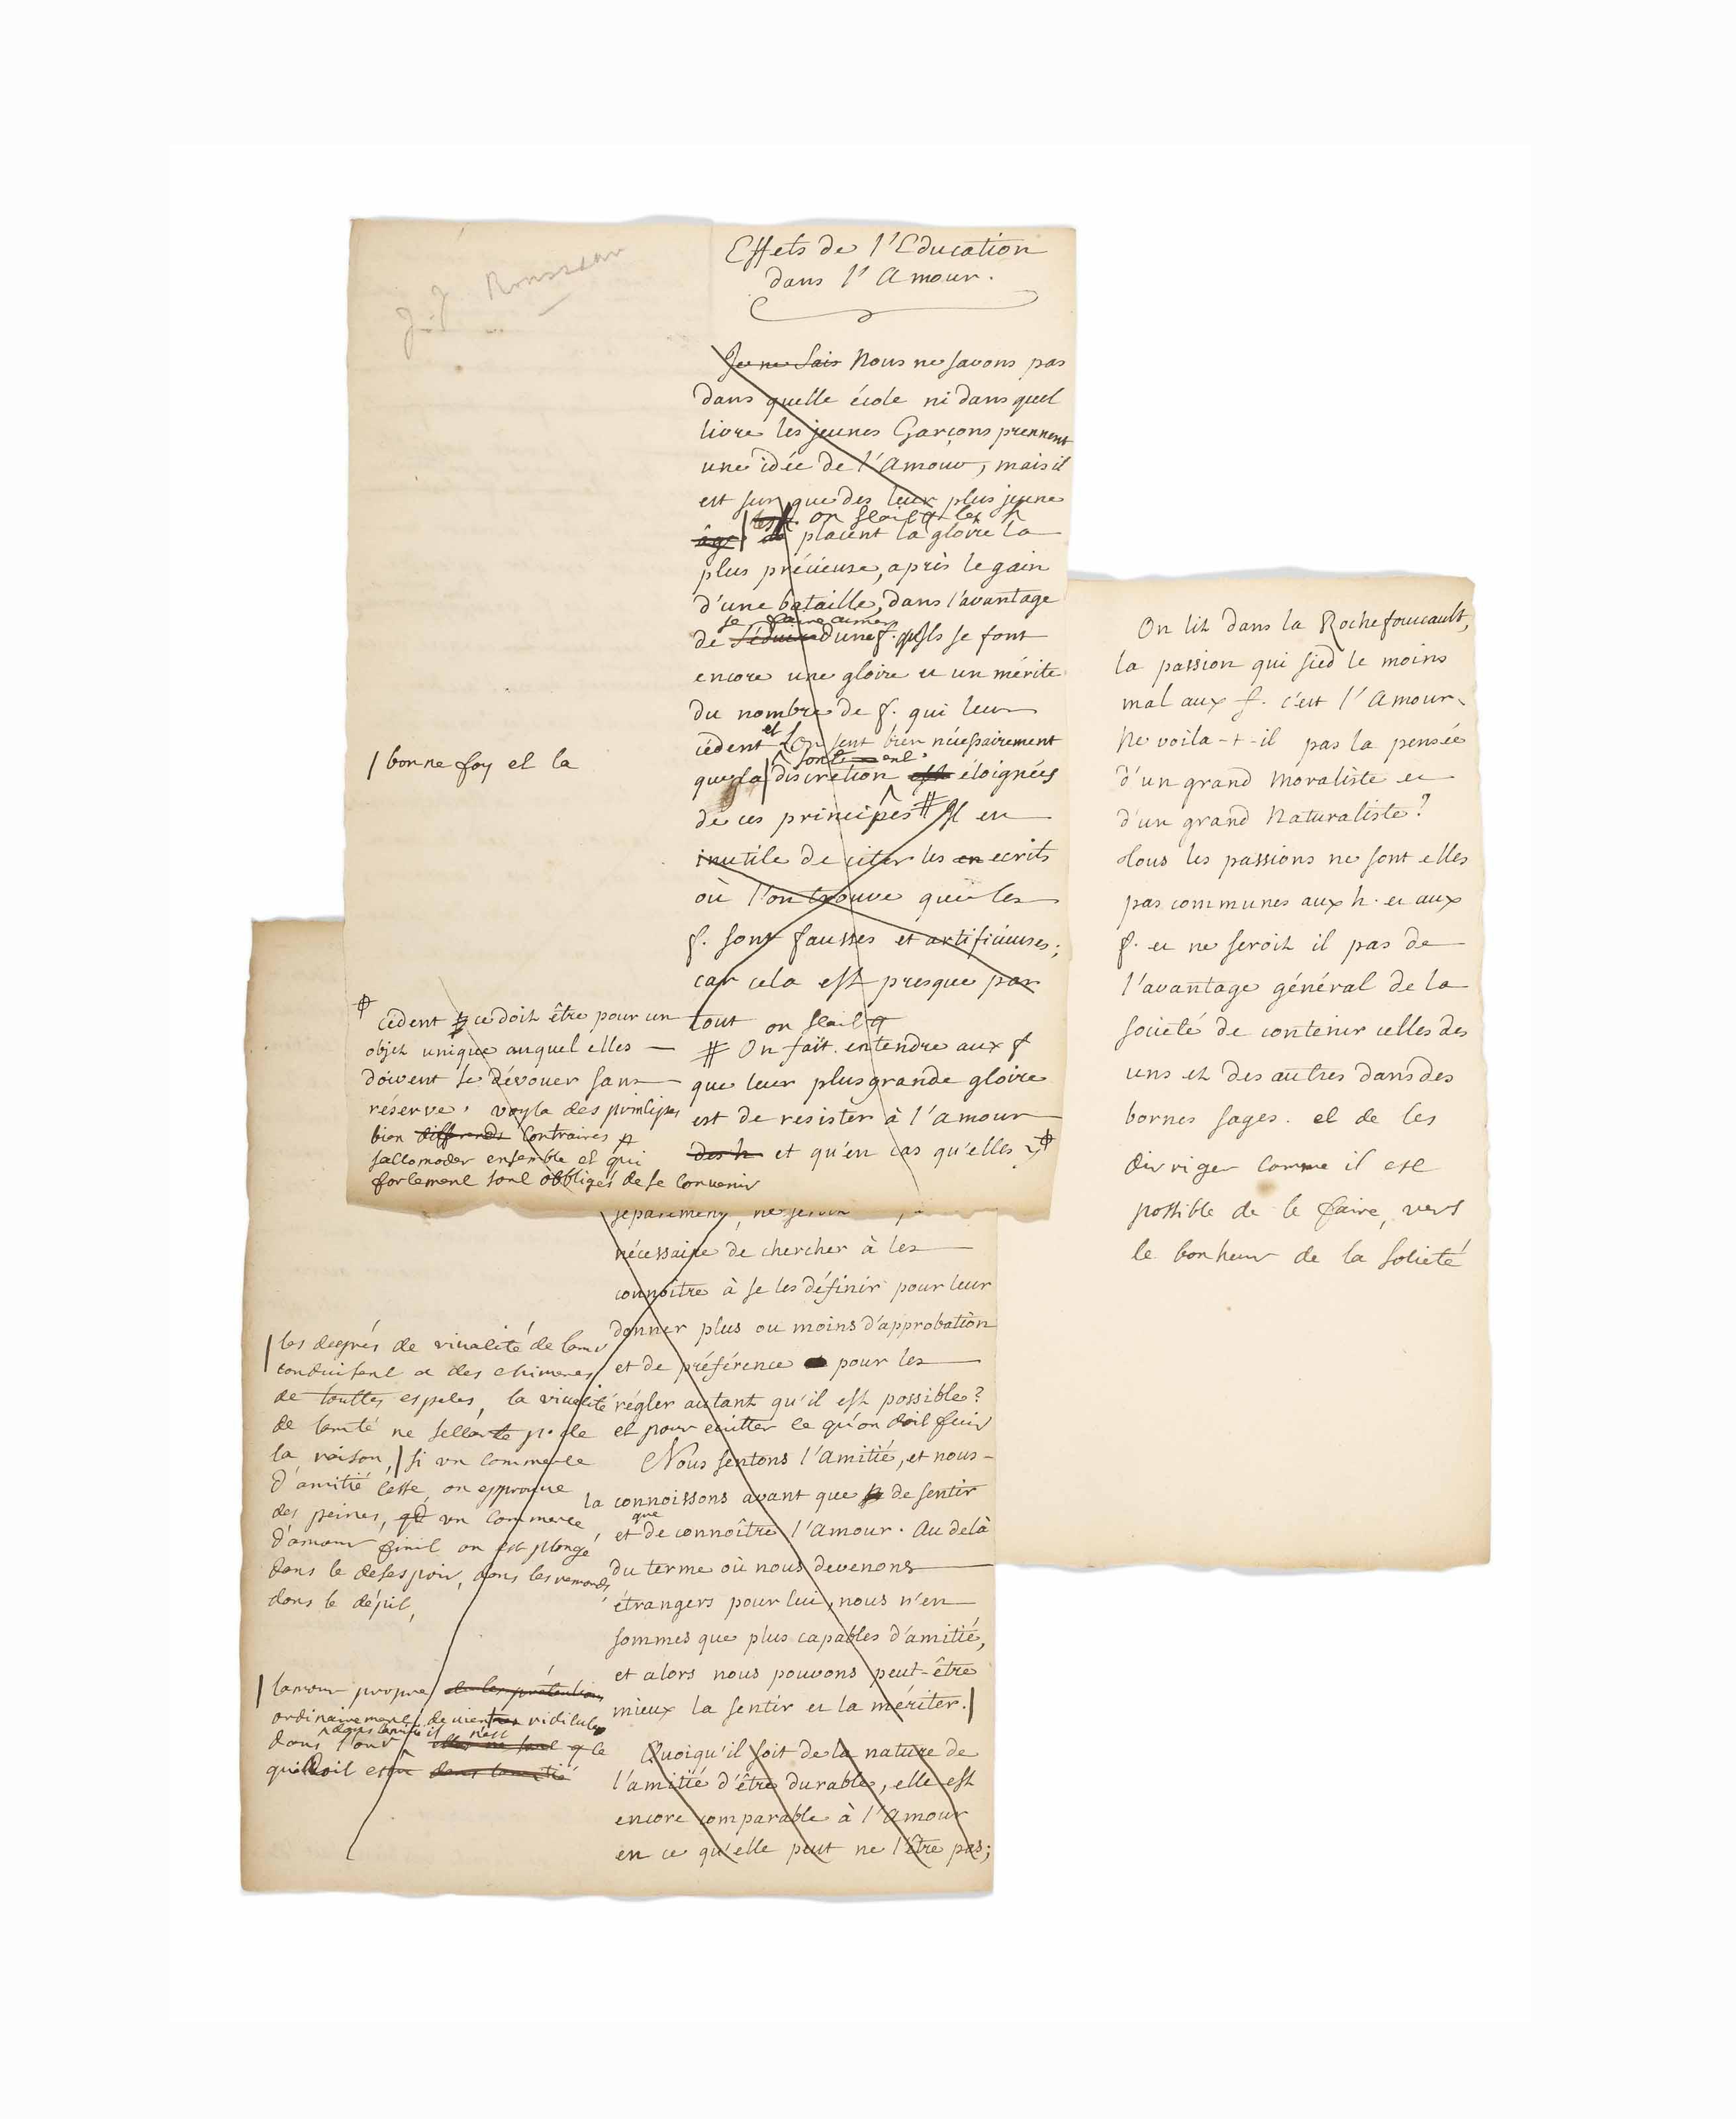 Jean-Jacques ROUSSEAU (1712-1778) & Louise Marie Madeleine DUPIN (1706-1799). Effets de l'éducation dans l'amour. Manuscrit autographe à deux mains, non signé, sans date [entre 1745 et 1749]. 3 feuillets in-4 (259 x 185 mm). Encre brune sur papier vergé, texte sur une colonne réservant une large marge à gauche pour les corrections et ajouts de Mme Dupin. Biffures et corrections.